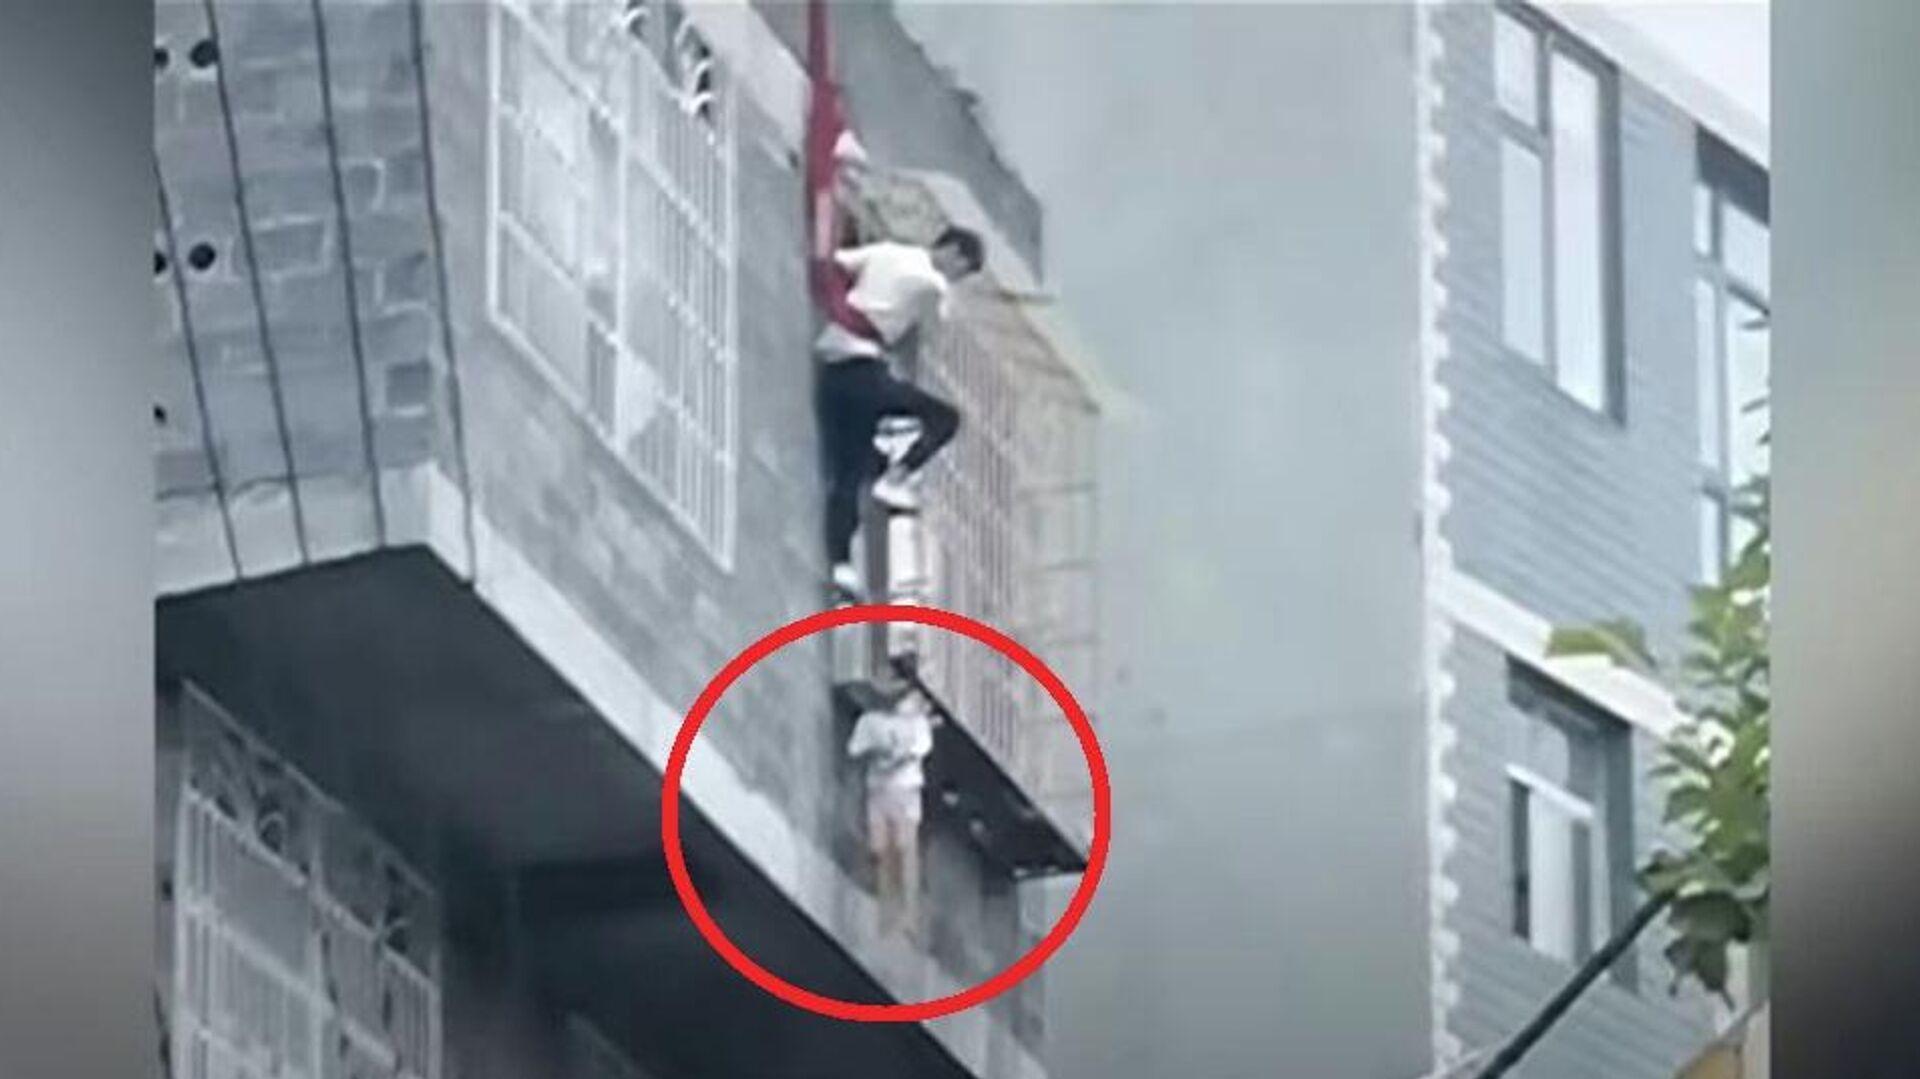 Κοριτσάκι κρέμεται με το κεφάλι στο κενό από τον τέταρτο όροφο σε διαμέρισμα στην Κίνα - Sputnik Ελλάδα, 1920, 23.09.2021